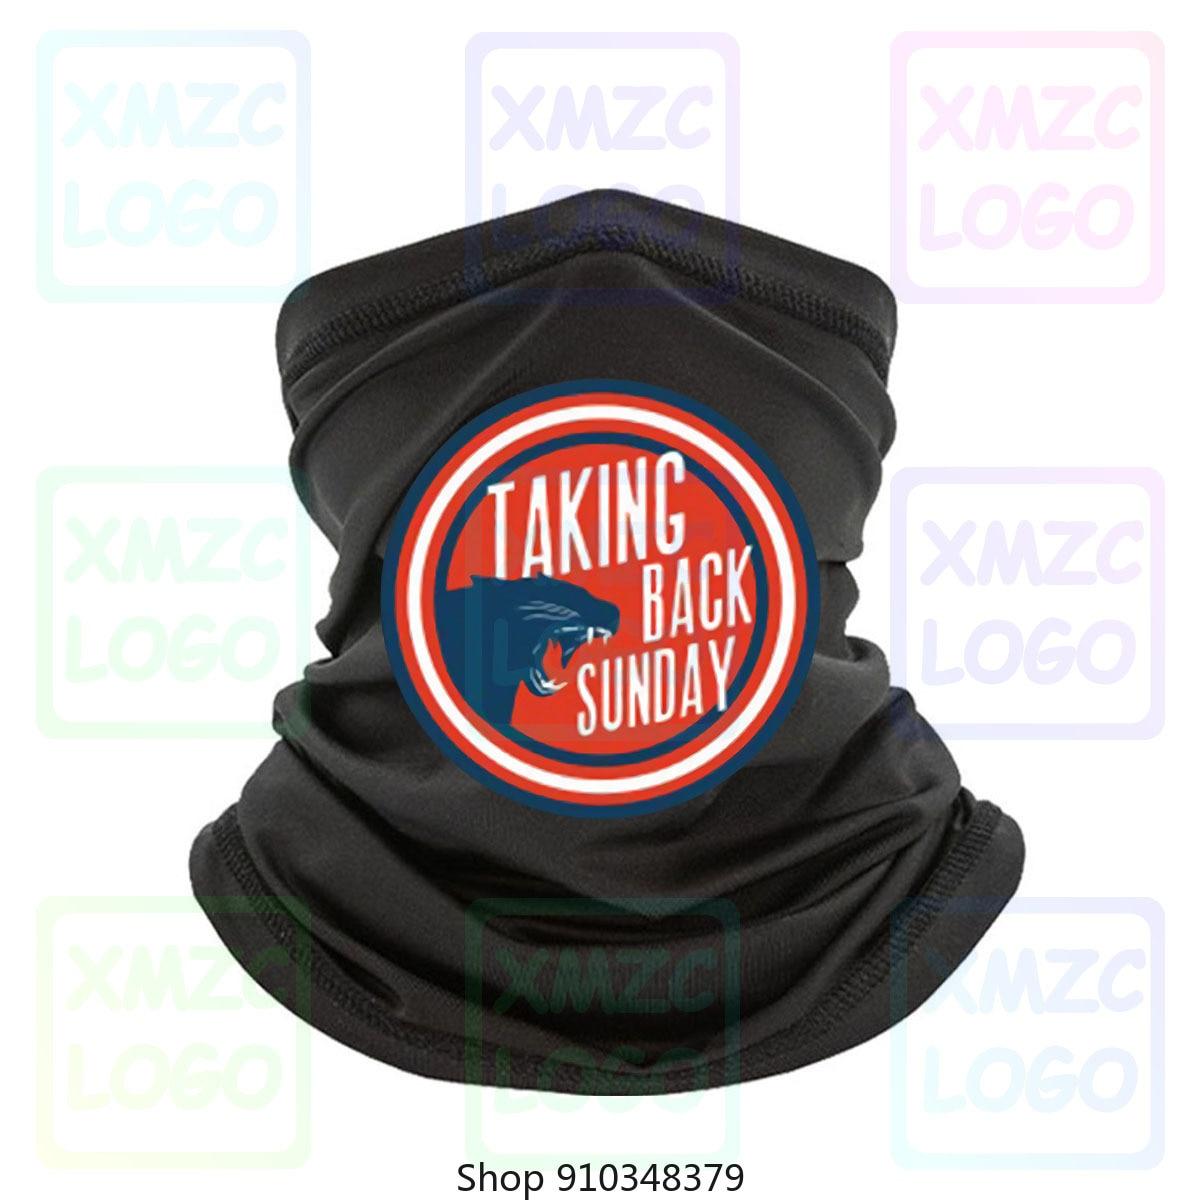 Retro Cbc Logo G200 Bandana Ultra algodón Bandana diadema bufanda Bandana calentador de cuello mujeres hombres